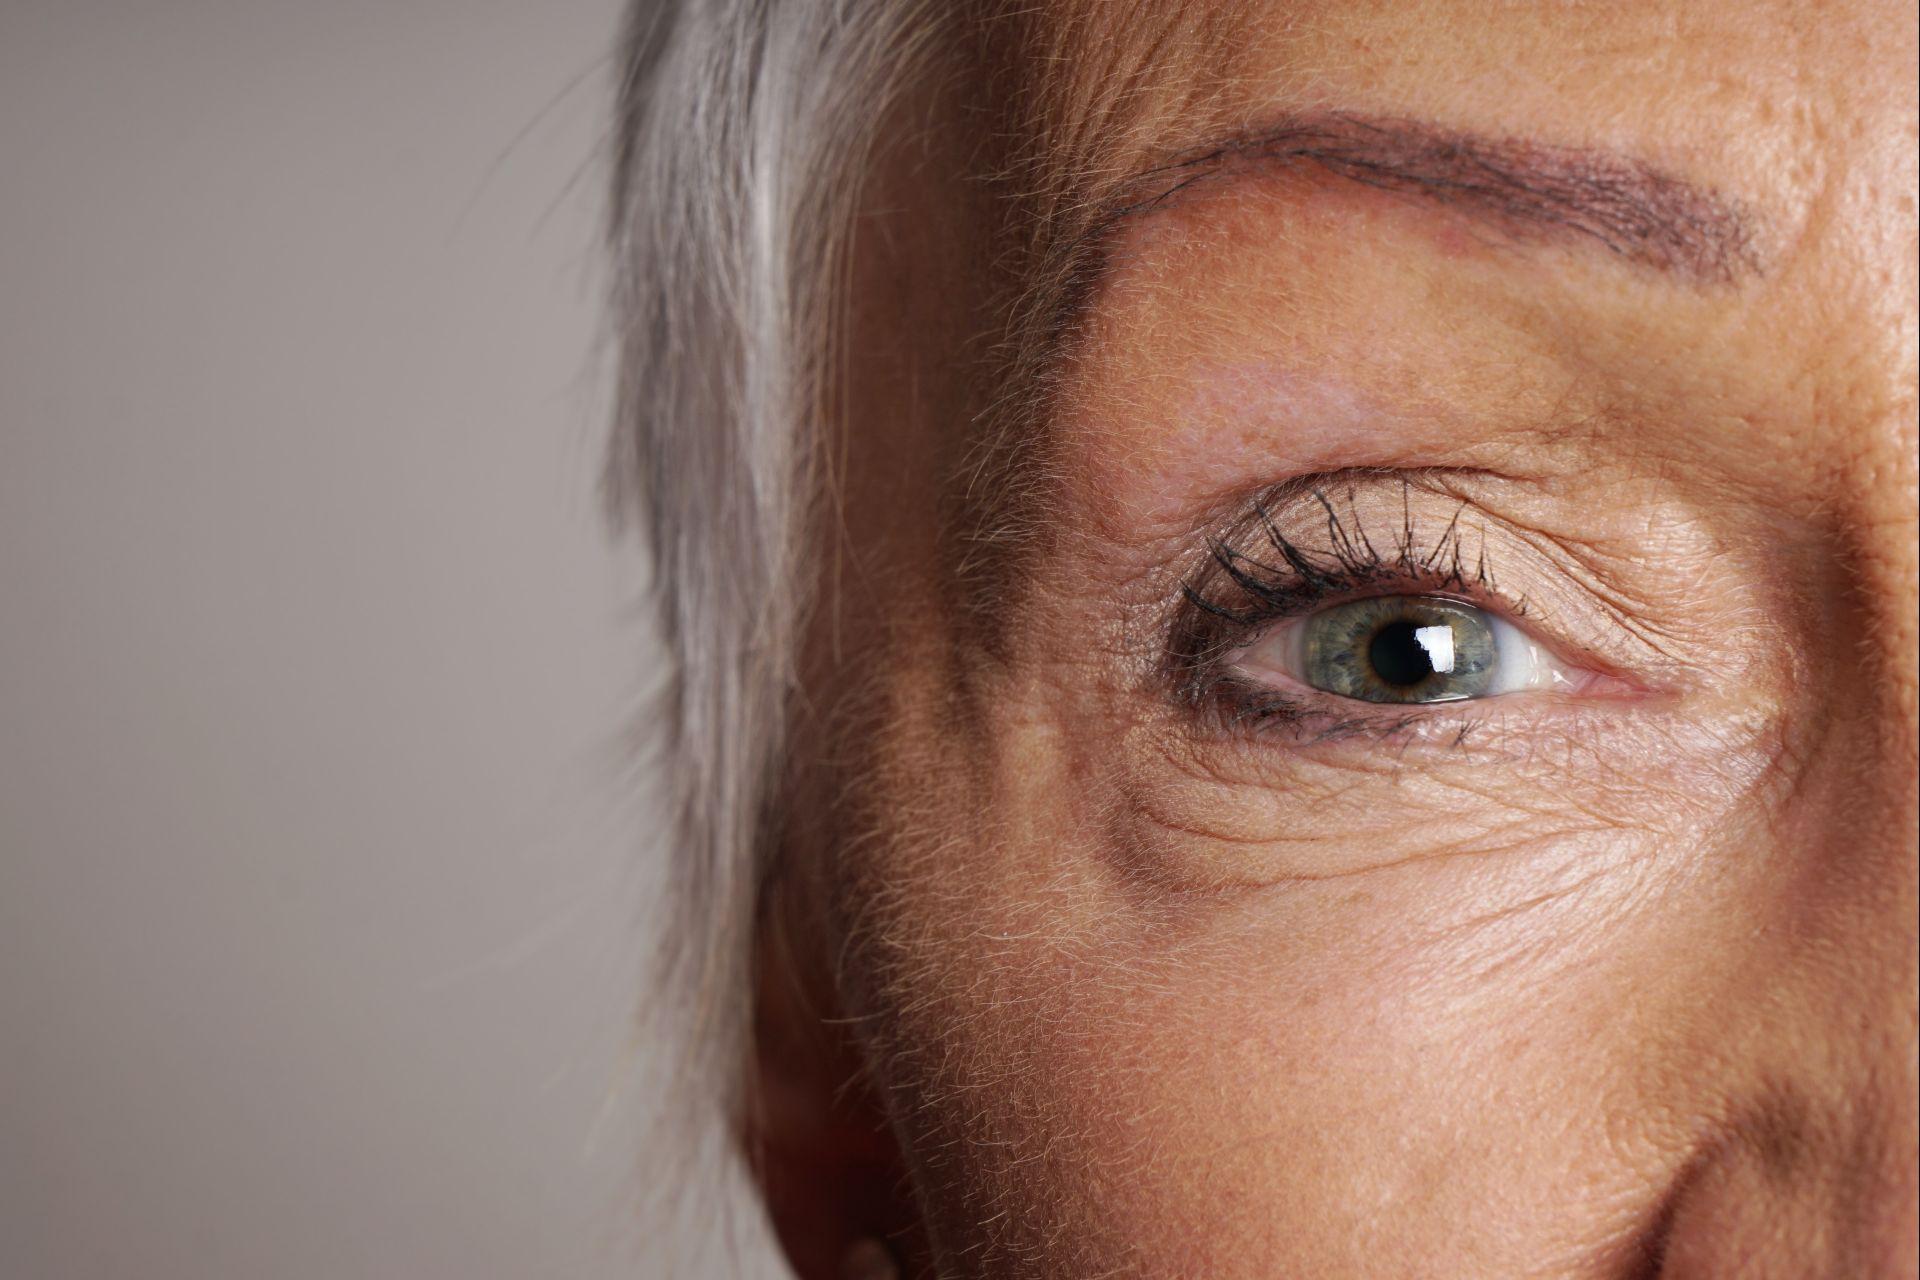 Nos exames de visão, as artérias são vistas com clareza, sendo possível assim pré-diagnosticar outras doenças. (Foto: Bigstock)